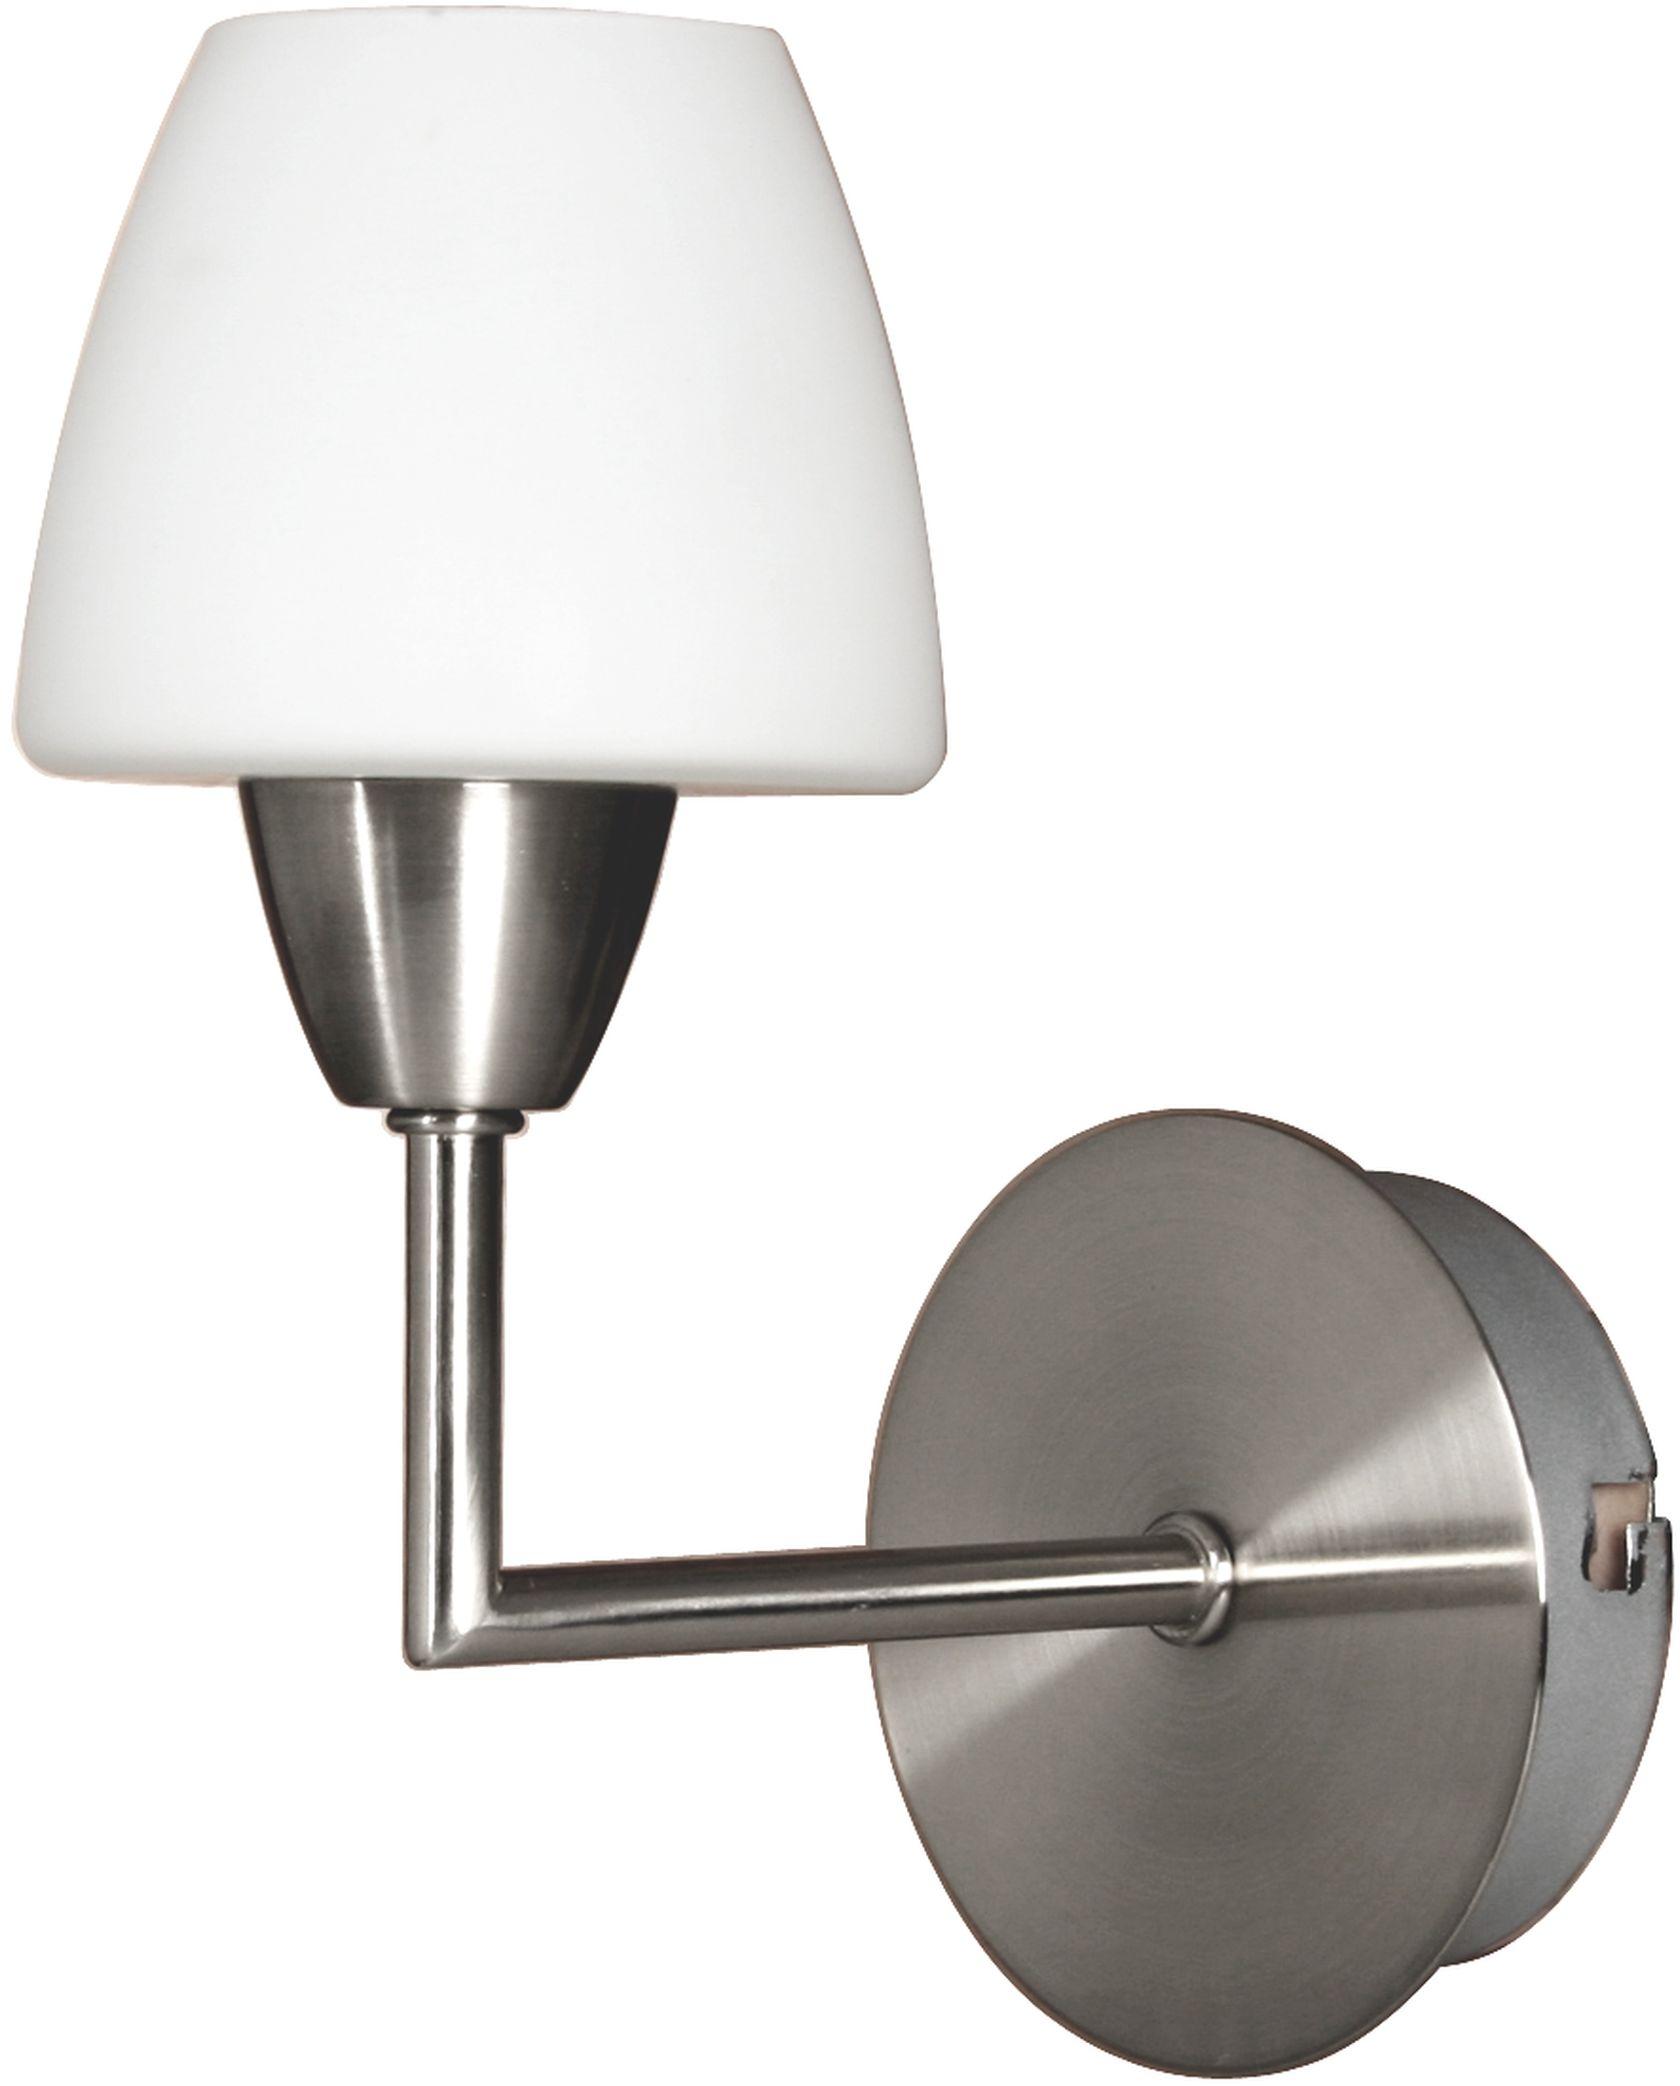 Candellux TOGO 21-10622 kinkiet lampa ścienna szklany klosz biały 1X40W G9 nikiel mat 9cm